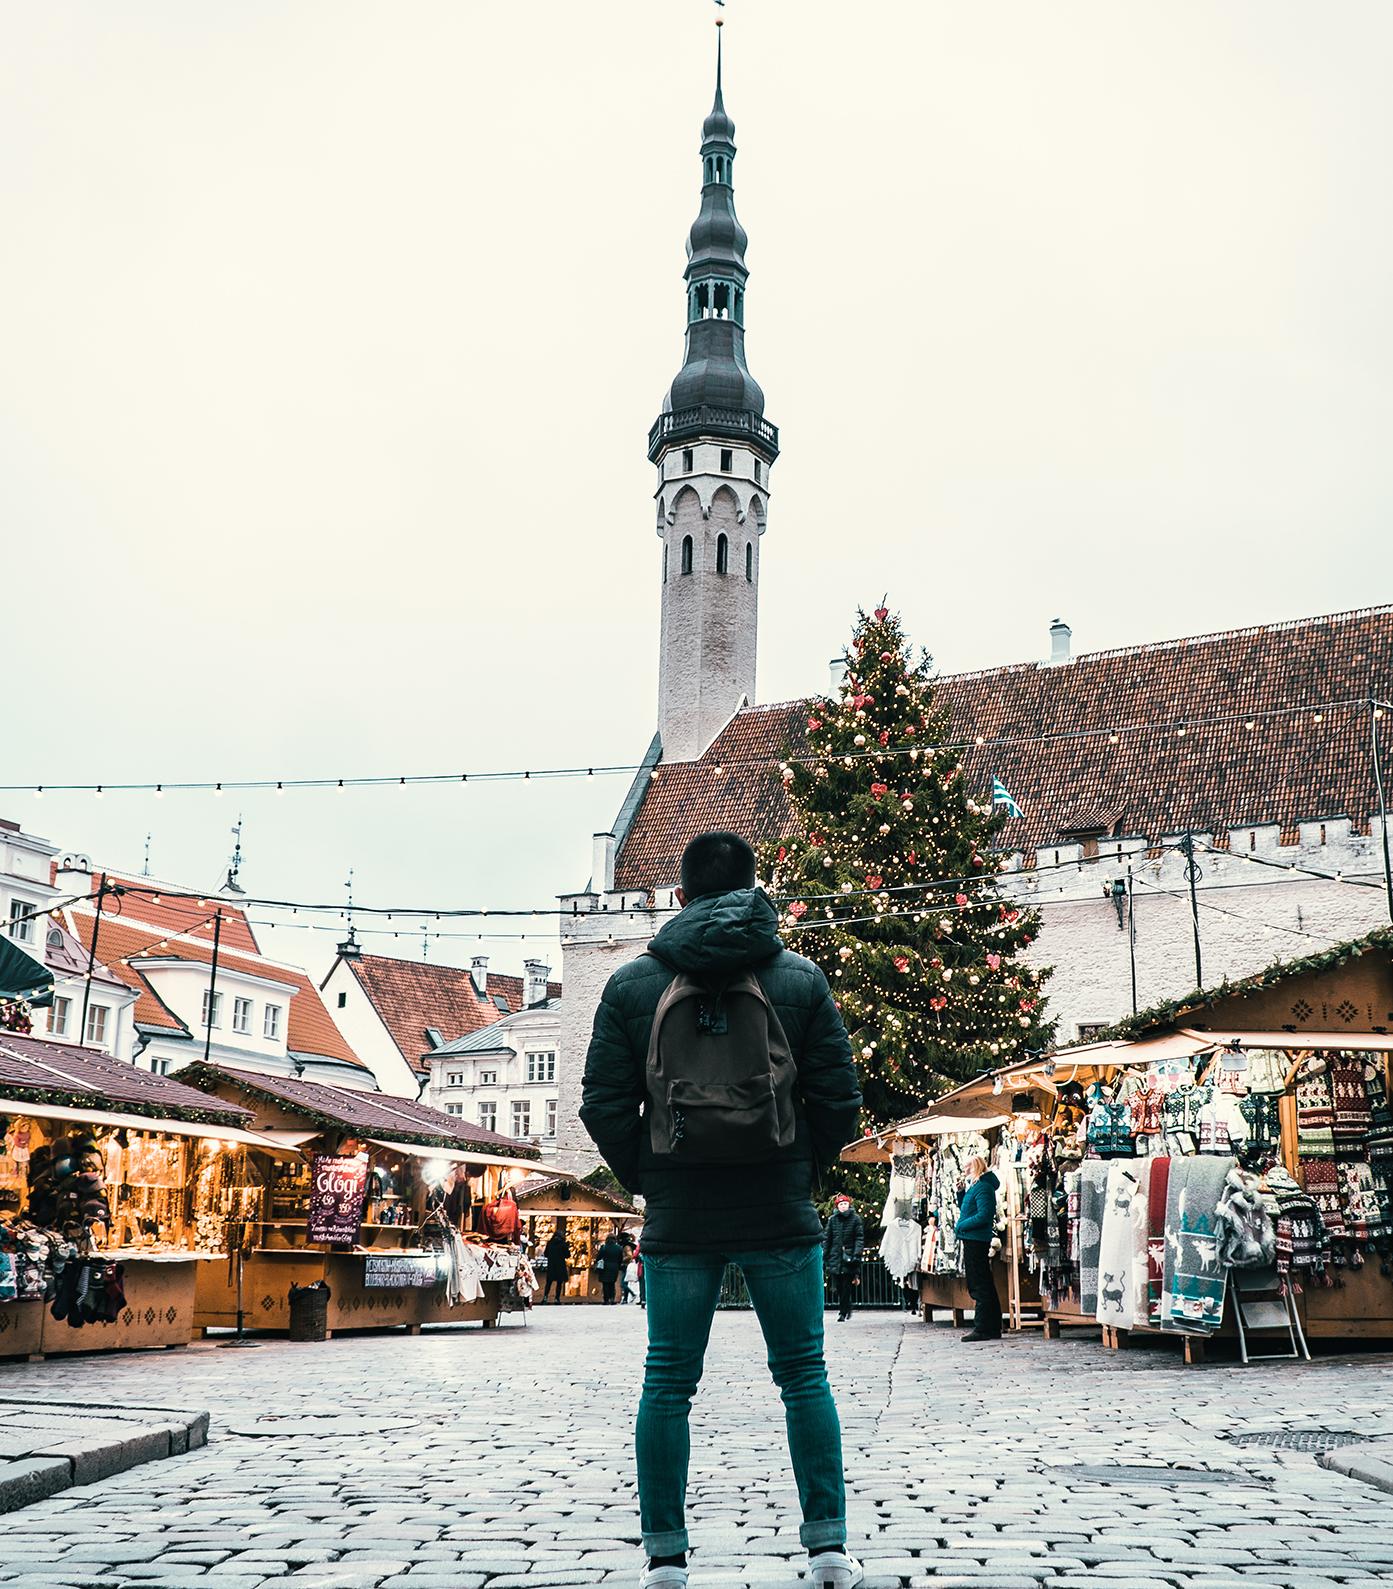 Tallinn Old Town - Christmas Market